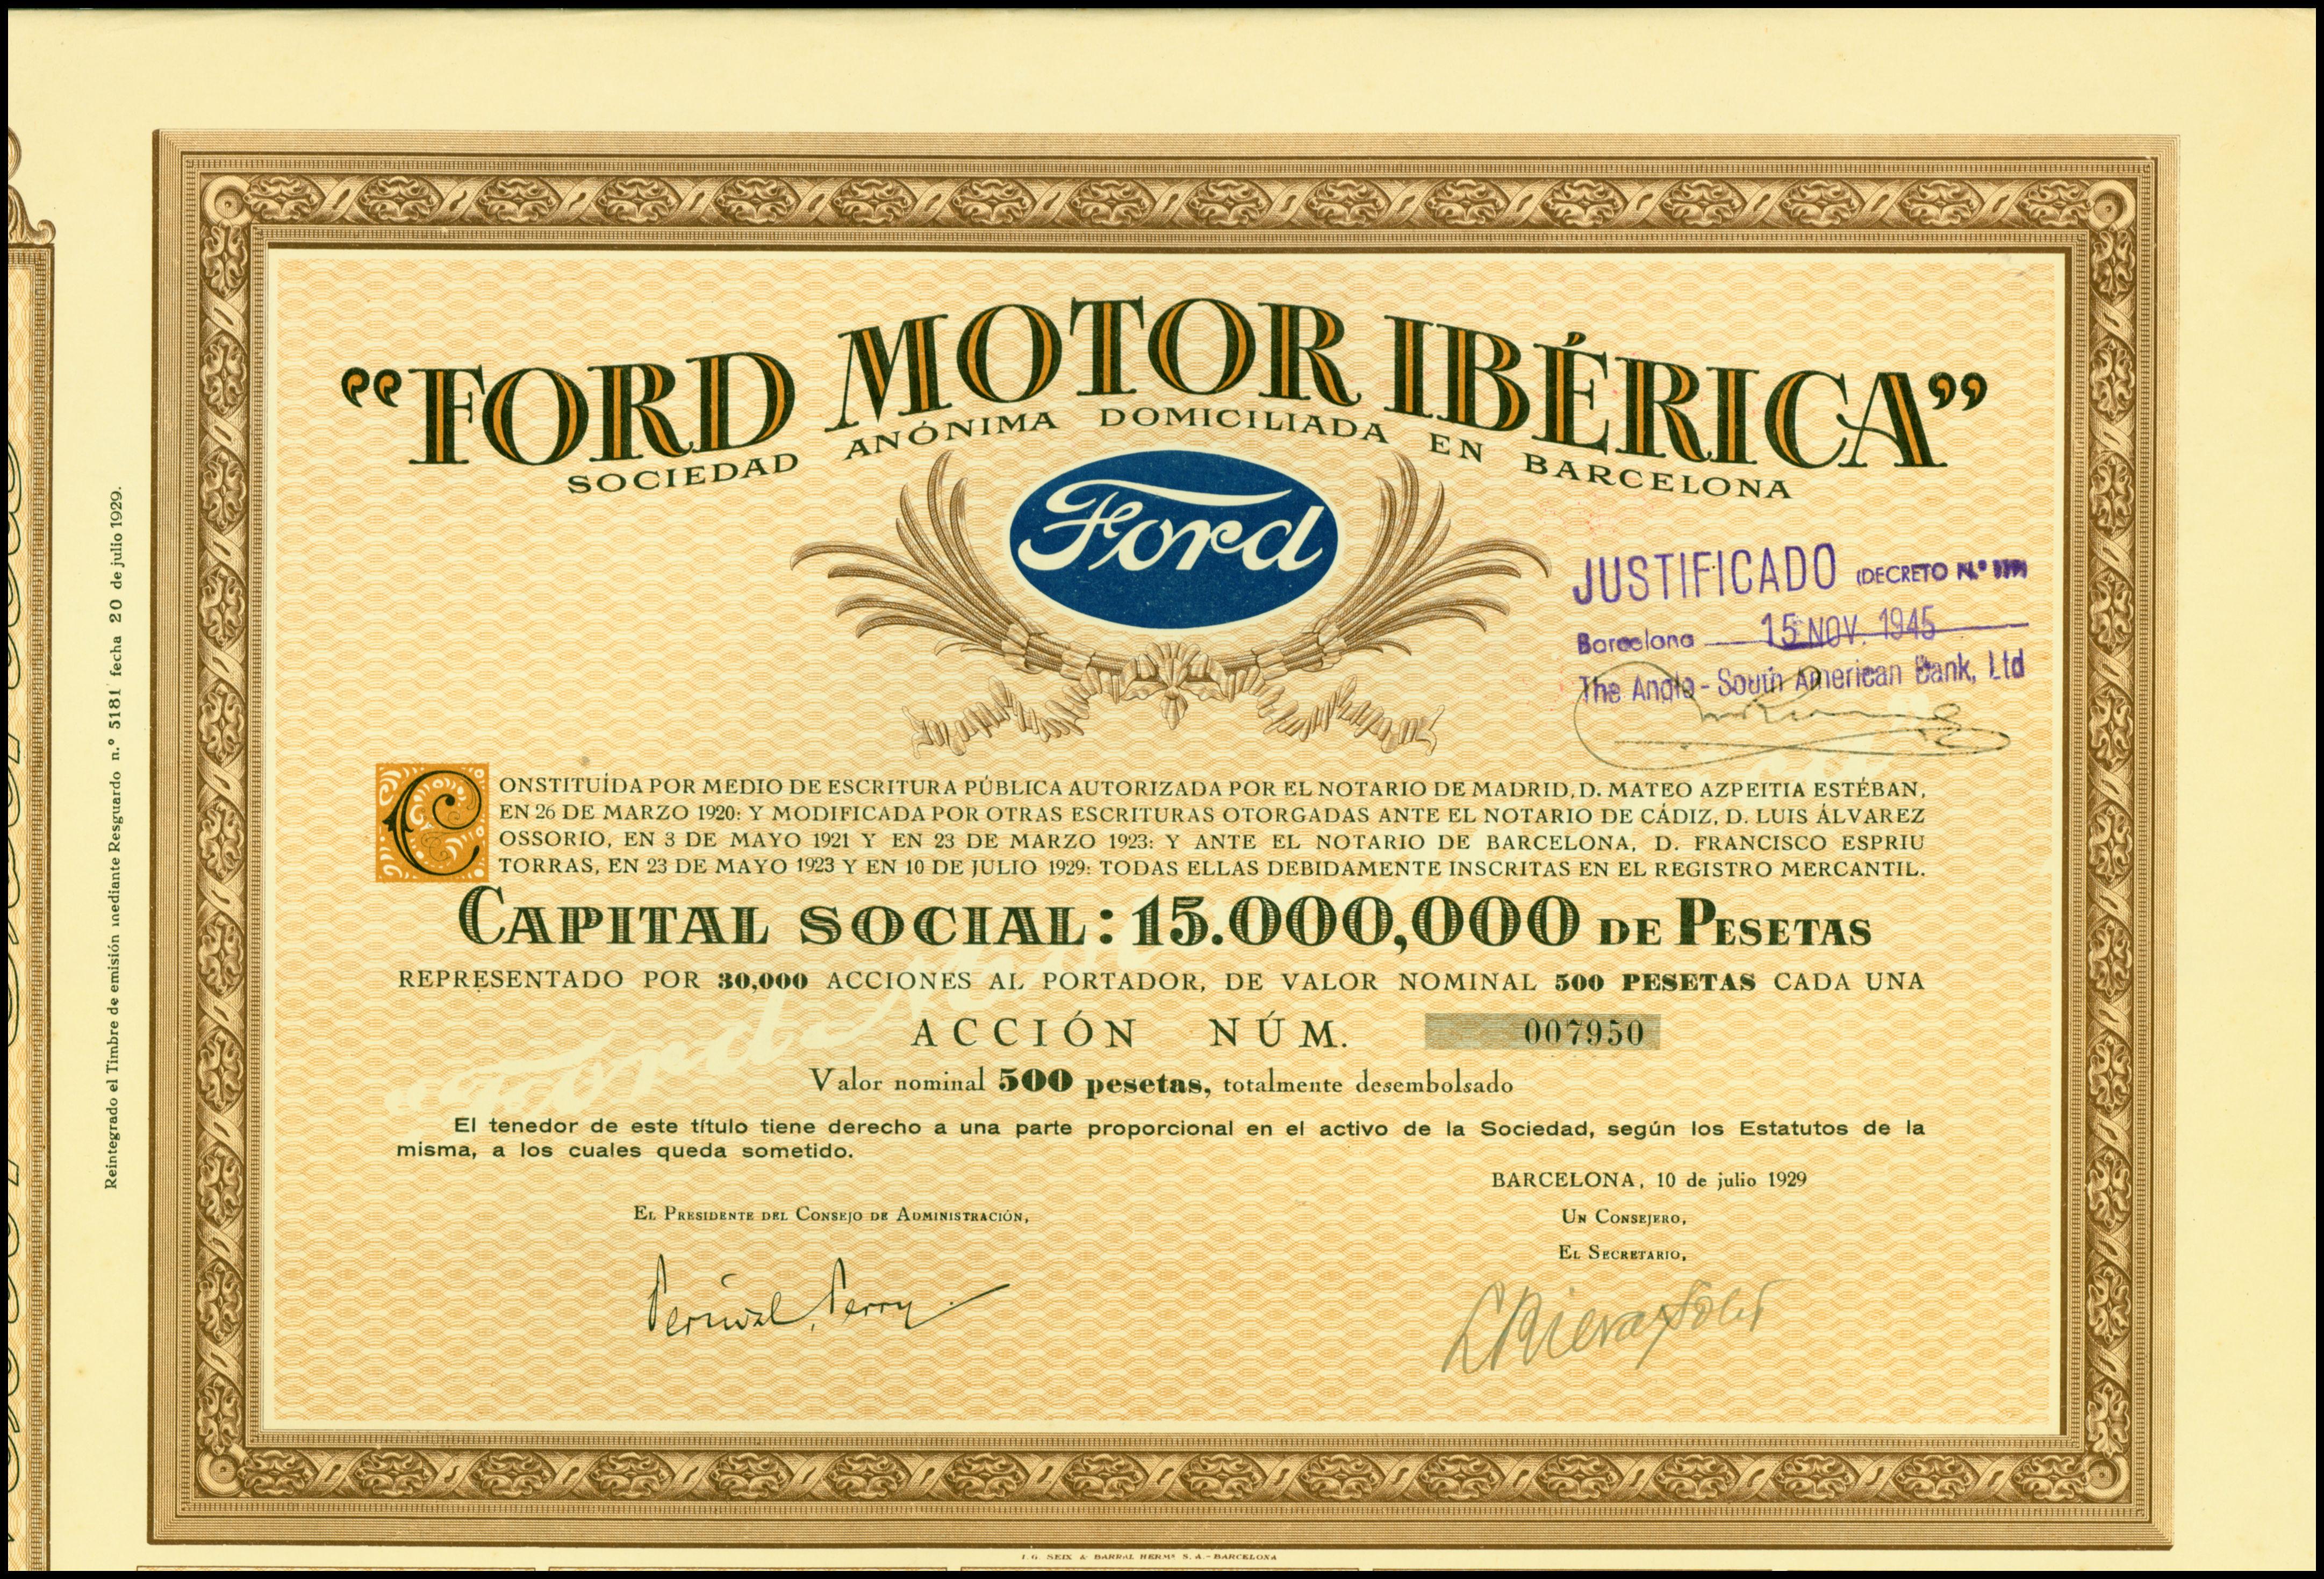 file ford motor iberica 1929 jpg wikimedia commonsfile ford motor iberica 1929 jpg